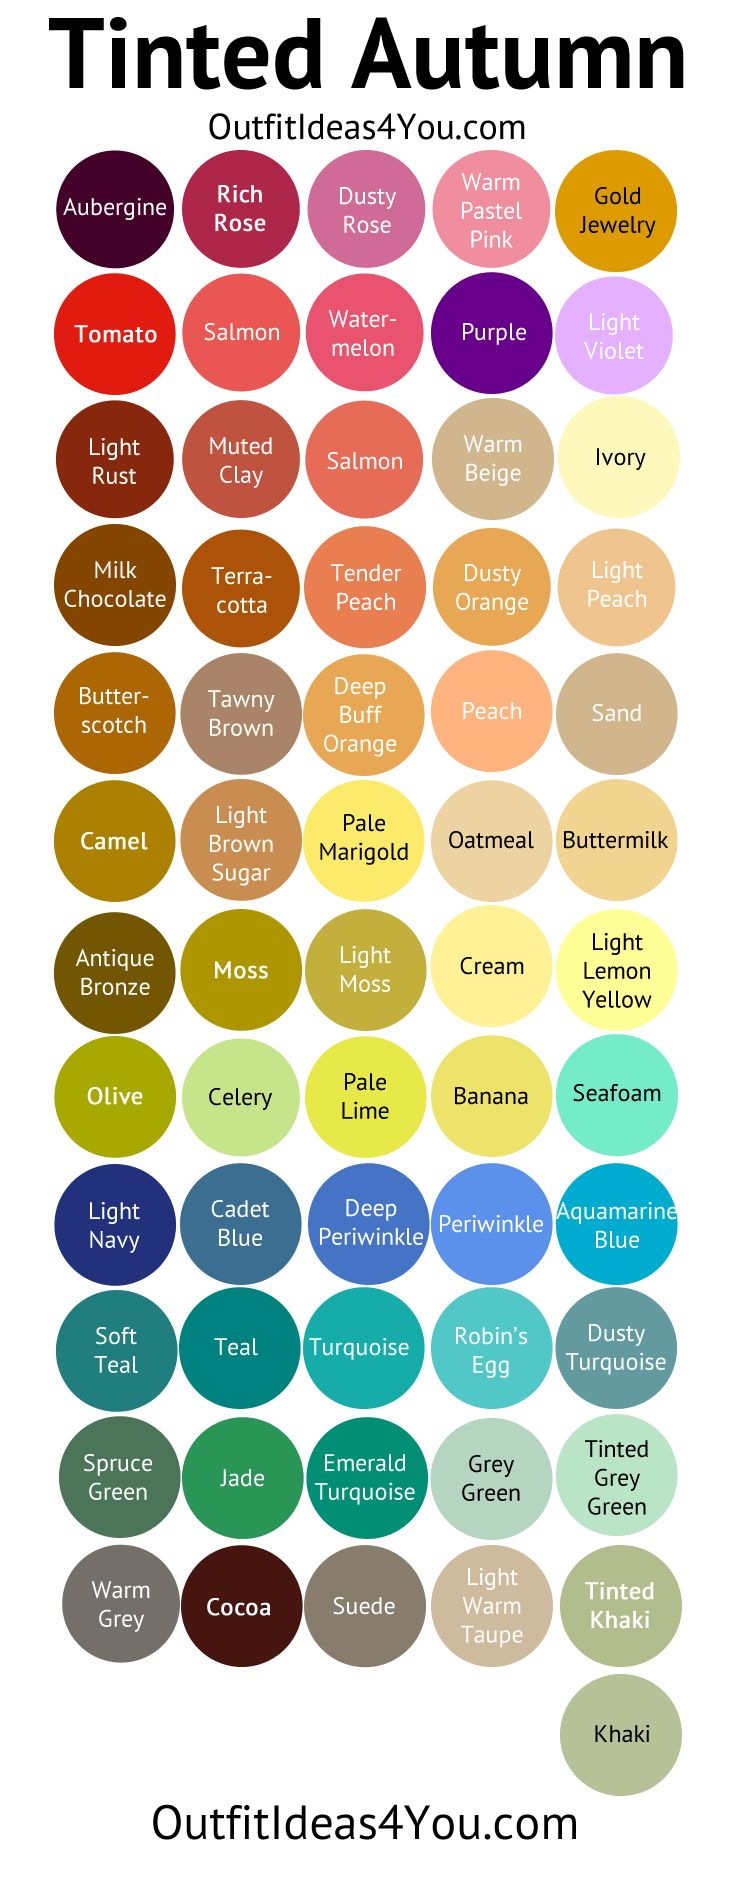 Tinted Autumn Color Palette (Soft Autumn Light)